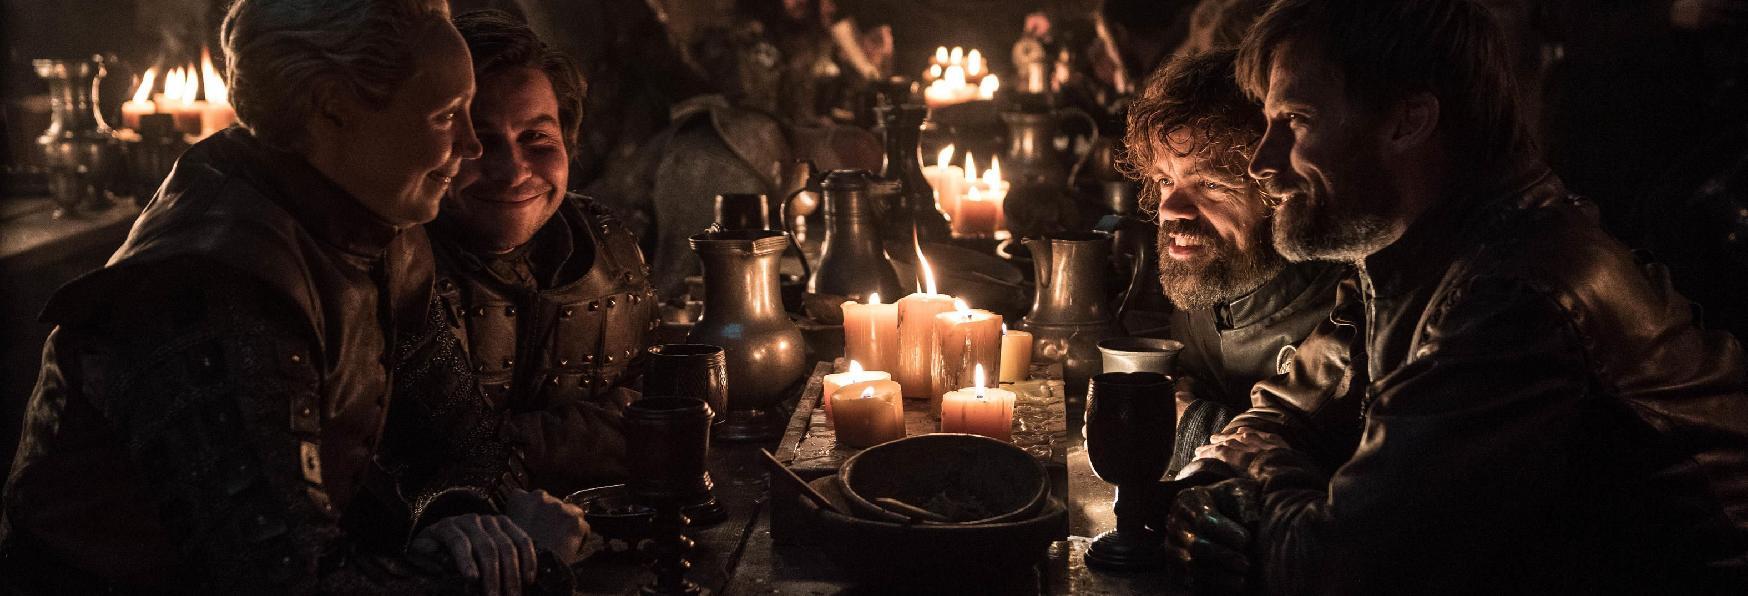 Game of Thrones 8: una Petizione per rifare tutta l'Ultima Stagione